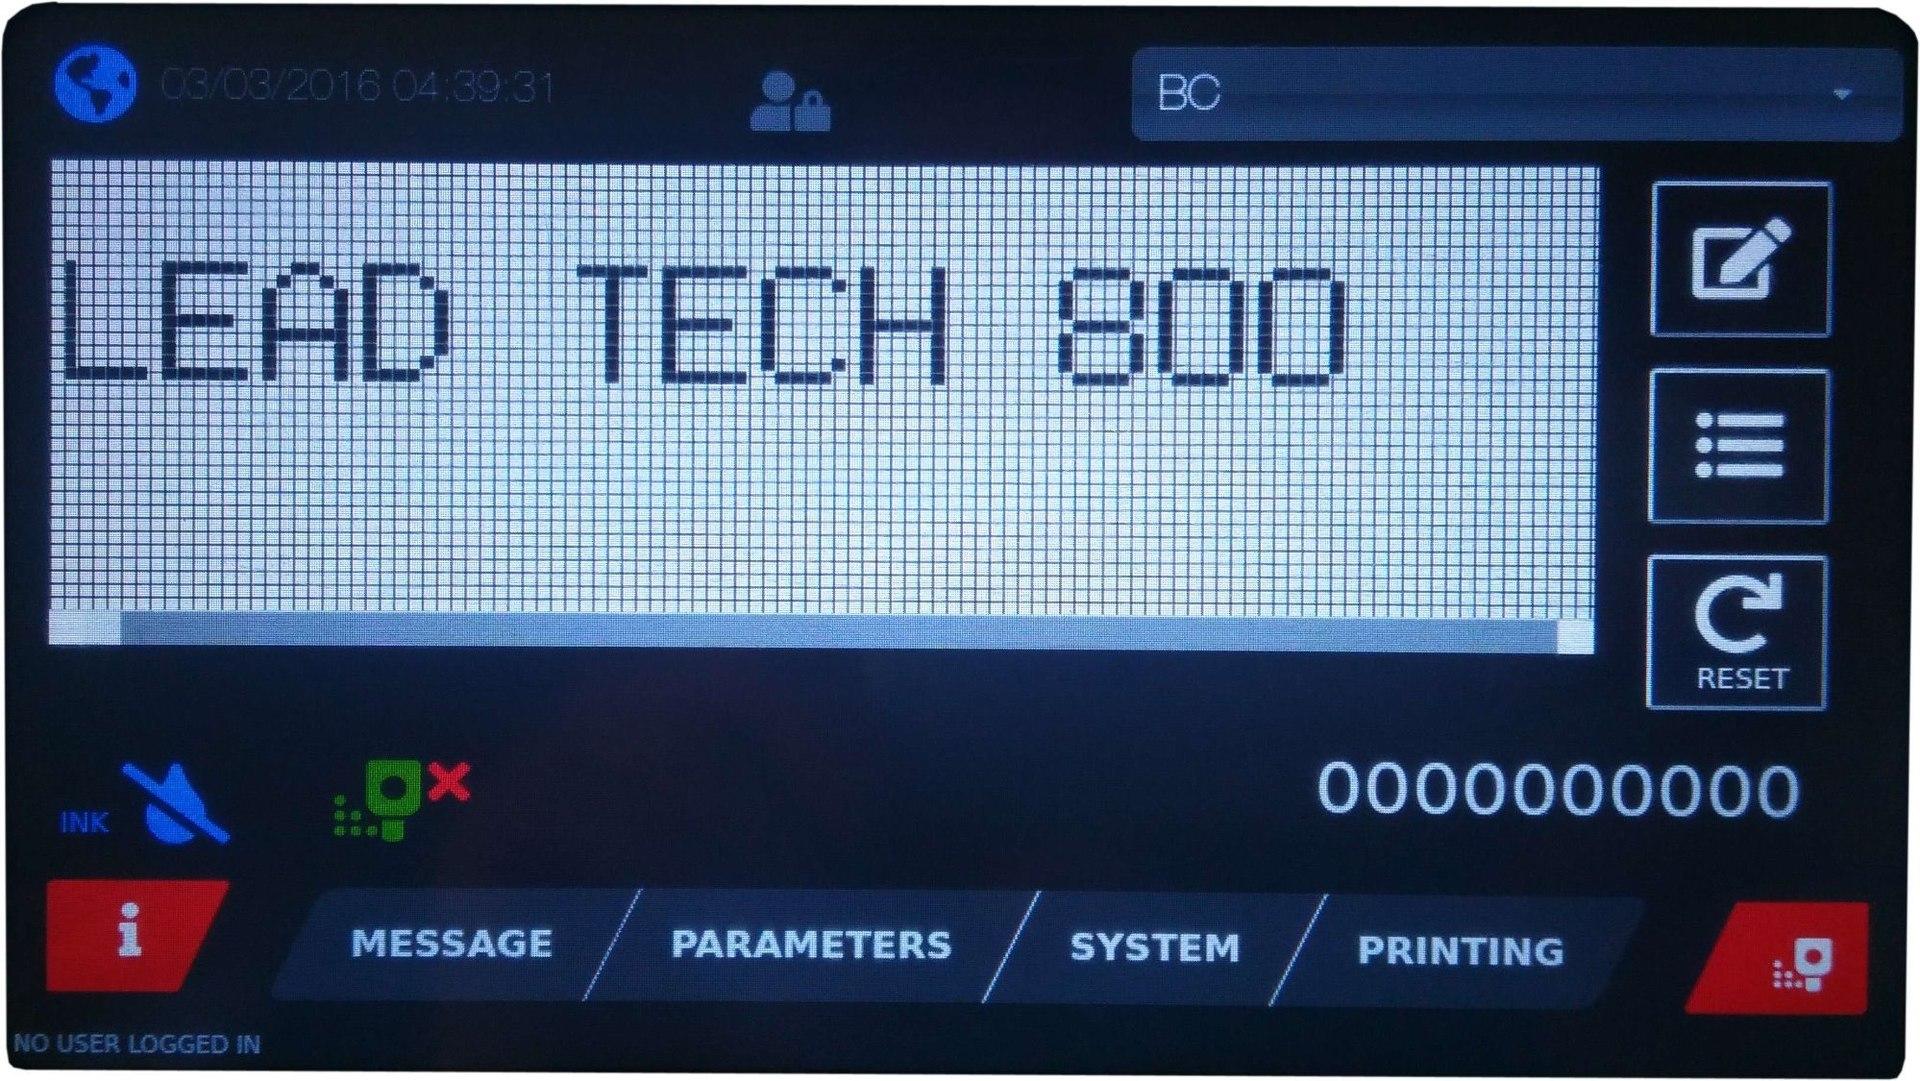 Lead Tech Lt800 Date Coder for Plastic Box Coding Cij Inkjet Printer